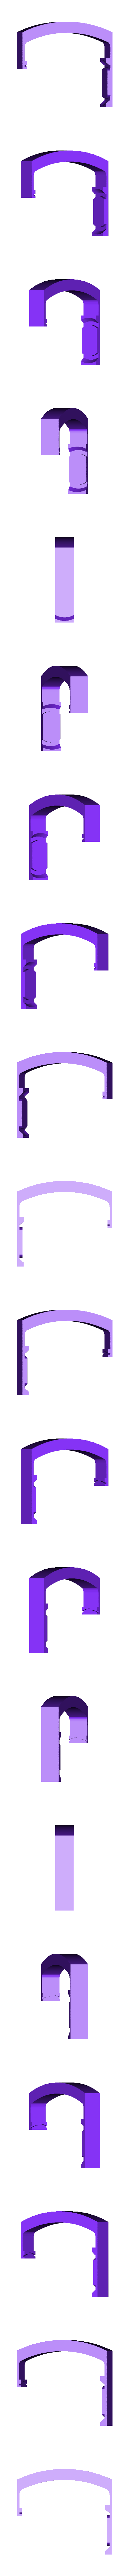 Can_Handle_V4.stl Télécharger fichier STL gratuit Poignée de boîte - Plus stable • Objet imprimable en 3D, Balkhnarb